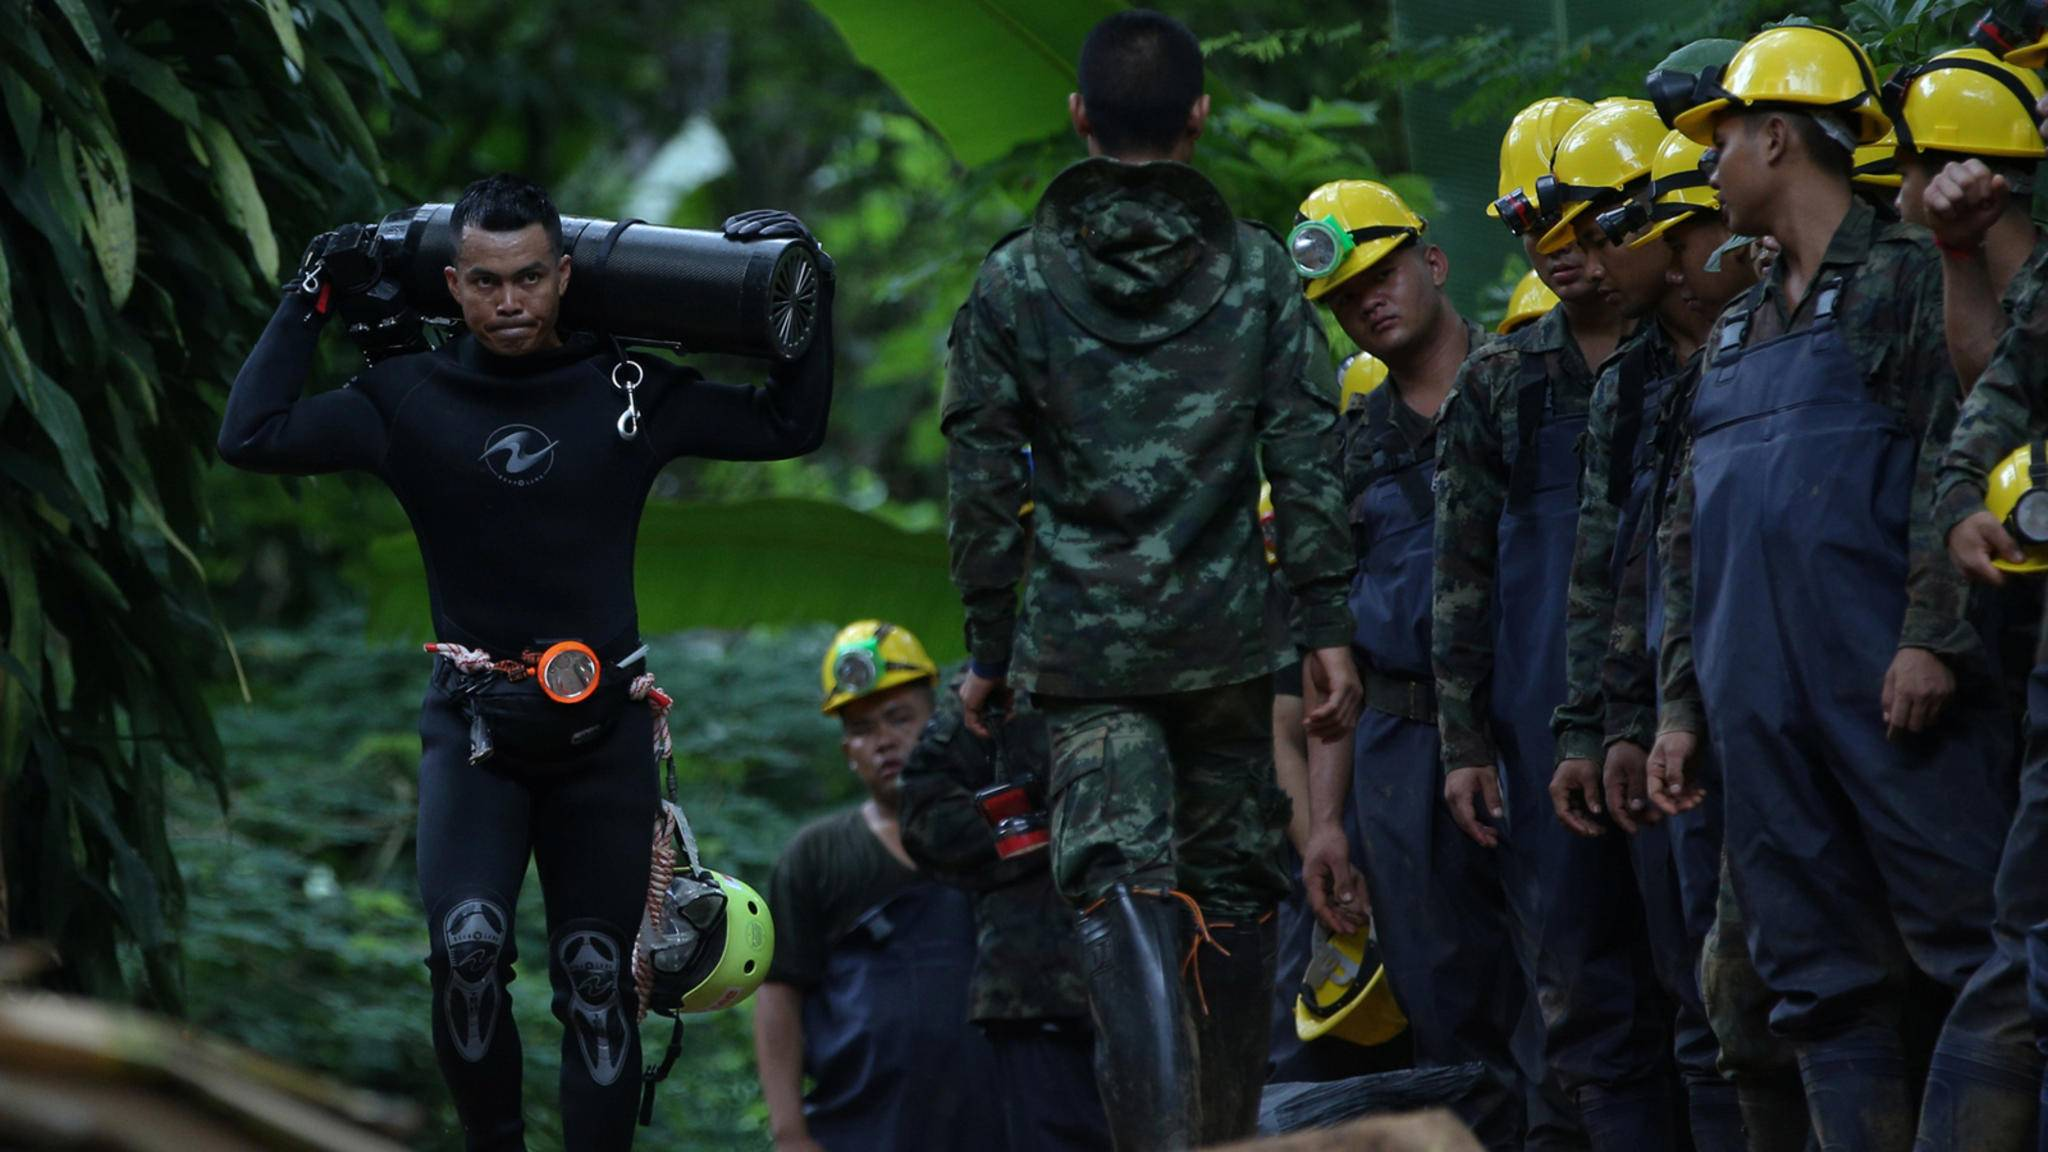 Das Drama, das sich in einer thailändischen Höhle abspielte, soll auf die Kinoleinwand gebracht werden.